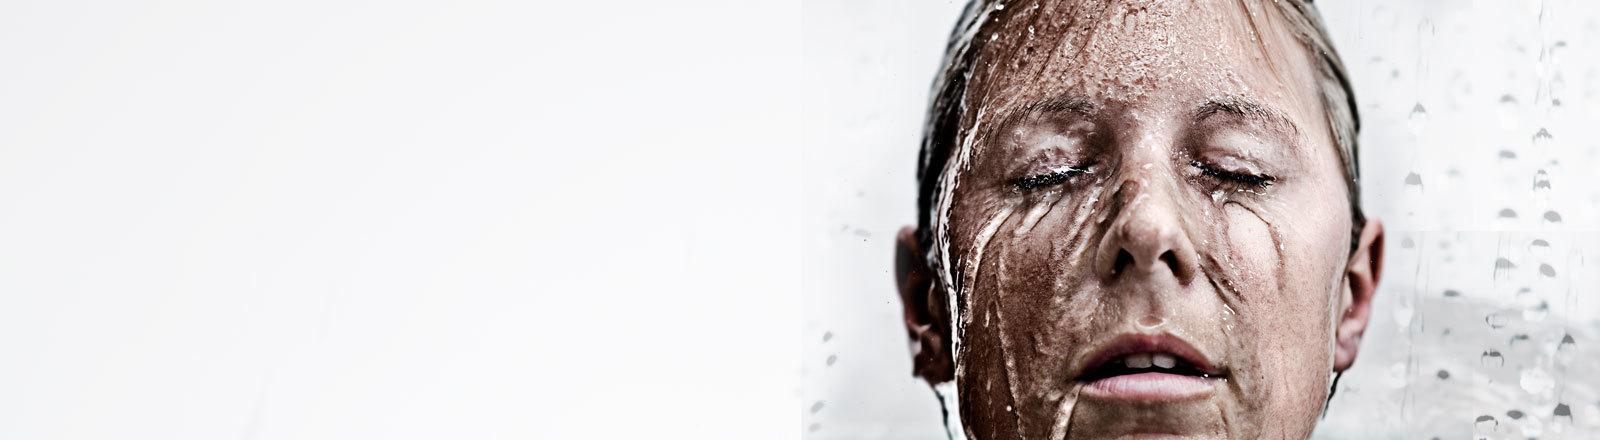 Über das Gesicht einer Frau läuft Wasser.